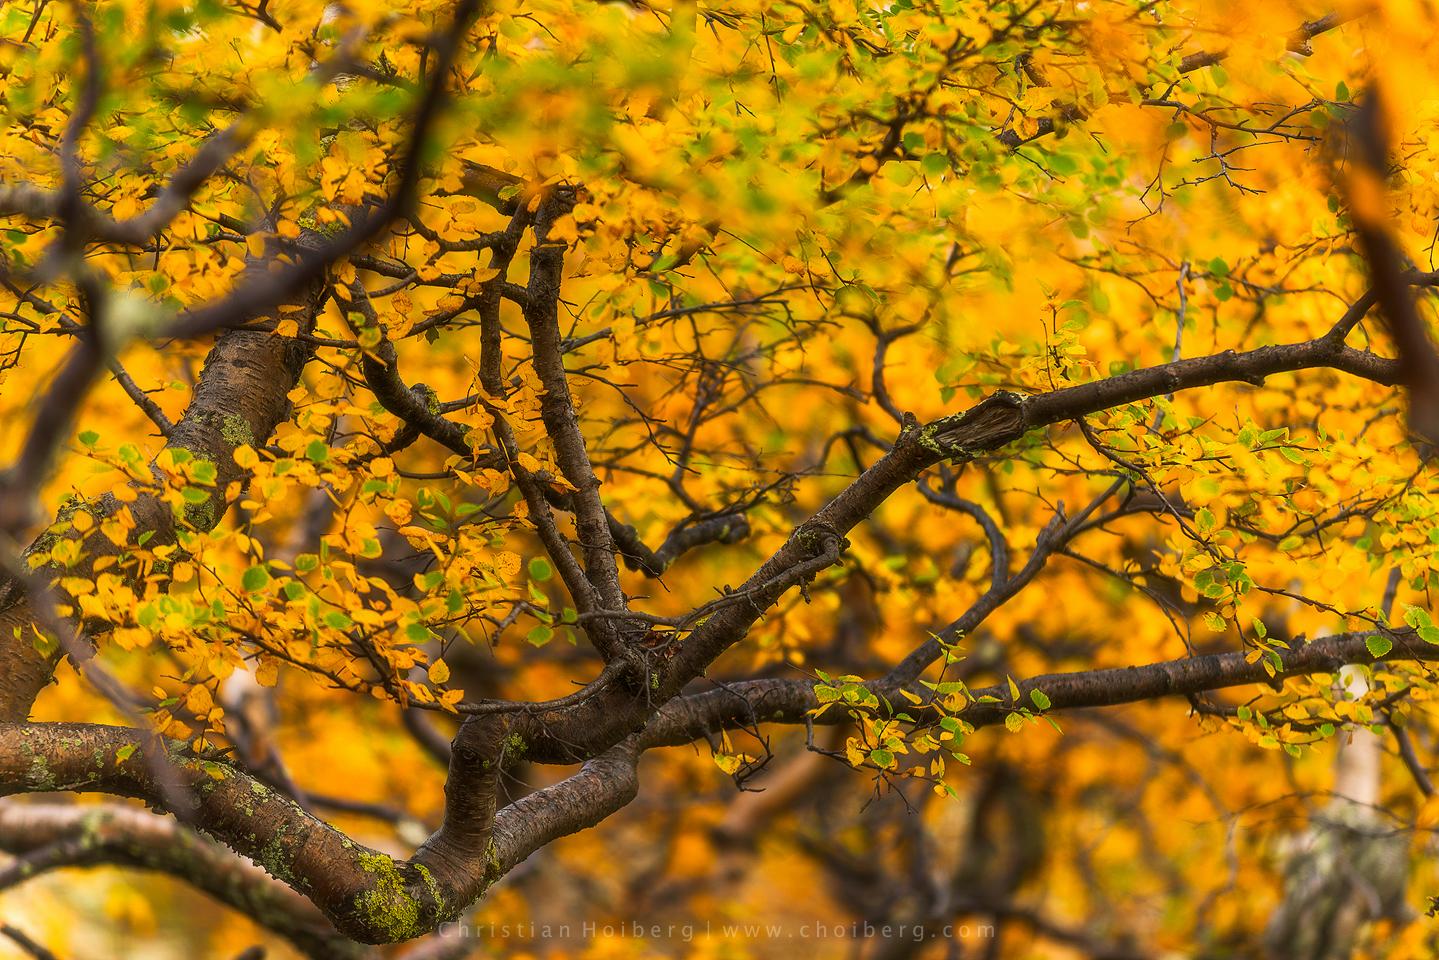 Autumn-tree-leaves.jpg